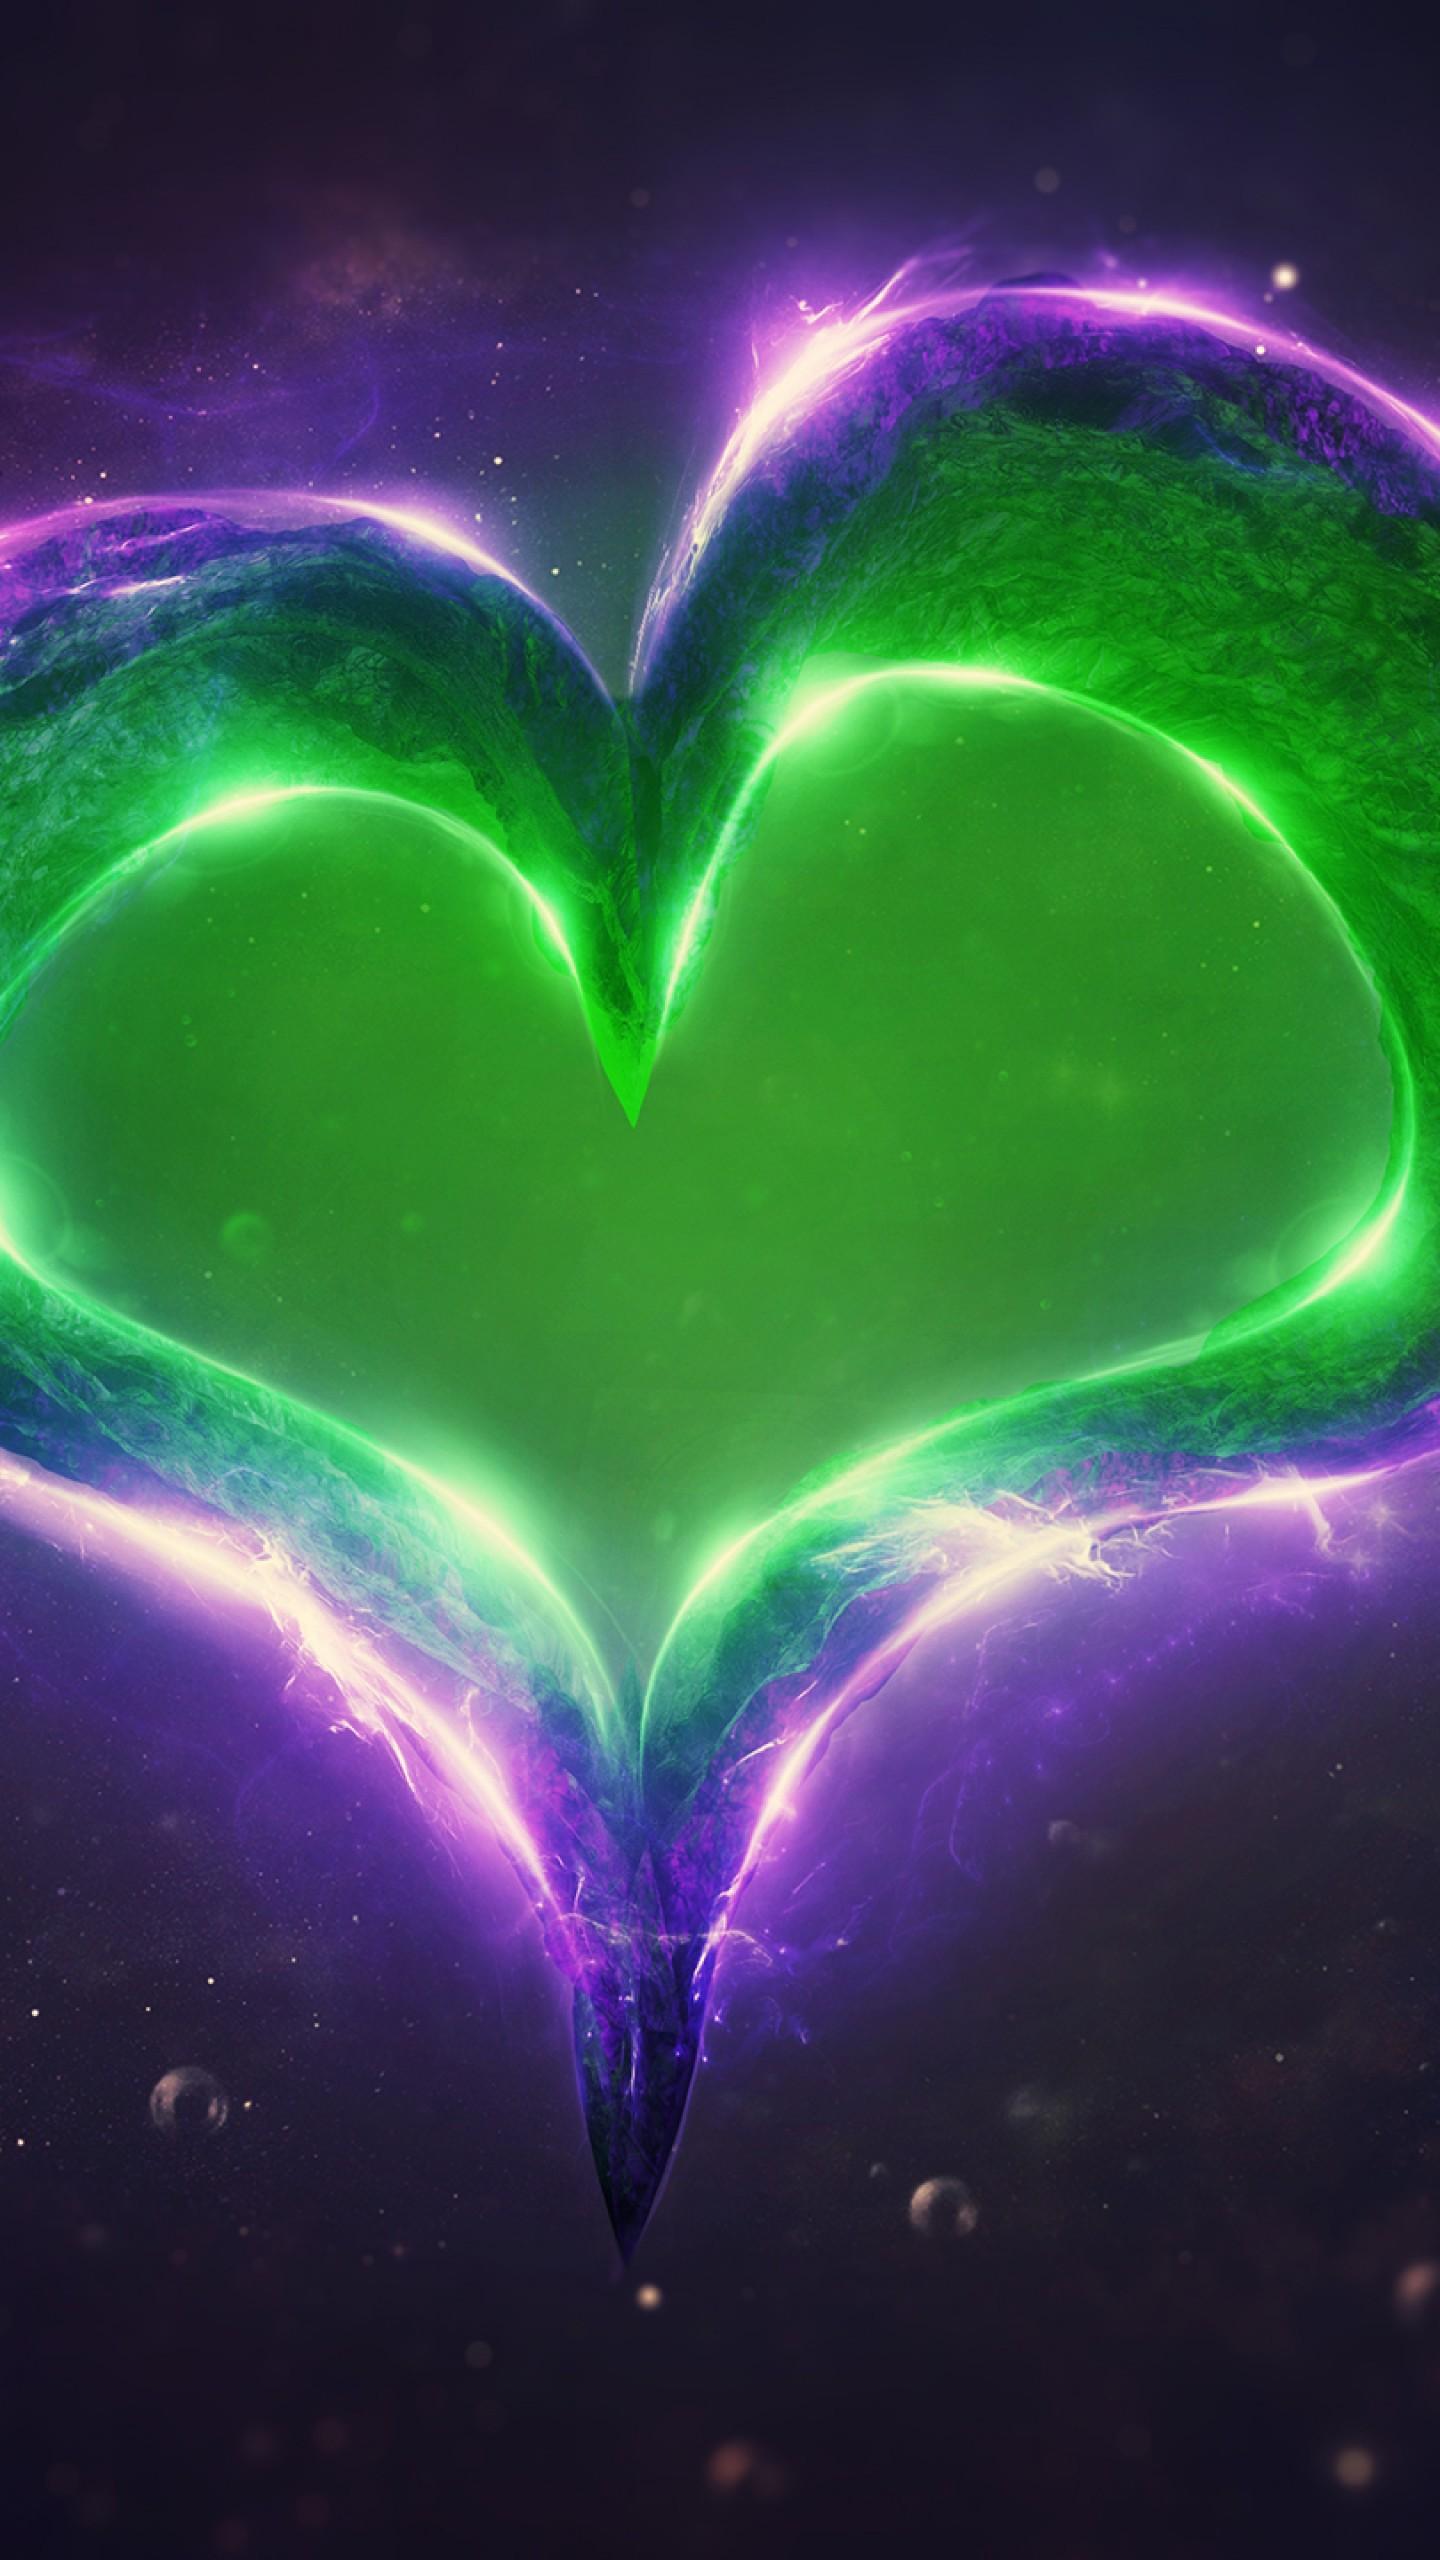 عکس زمینه عشق قلب روشن بنفش و سبز پس زمینه